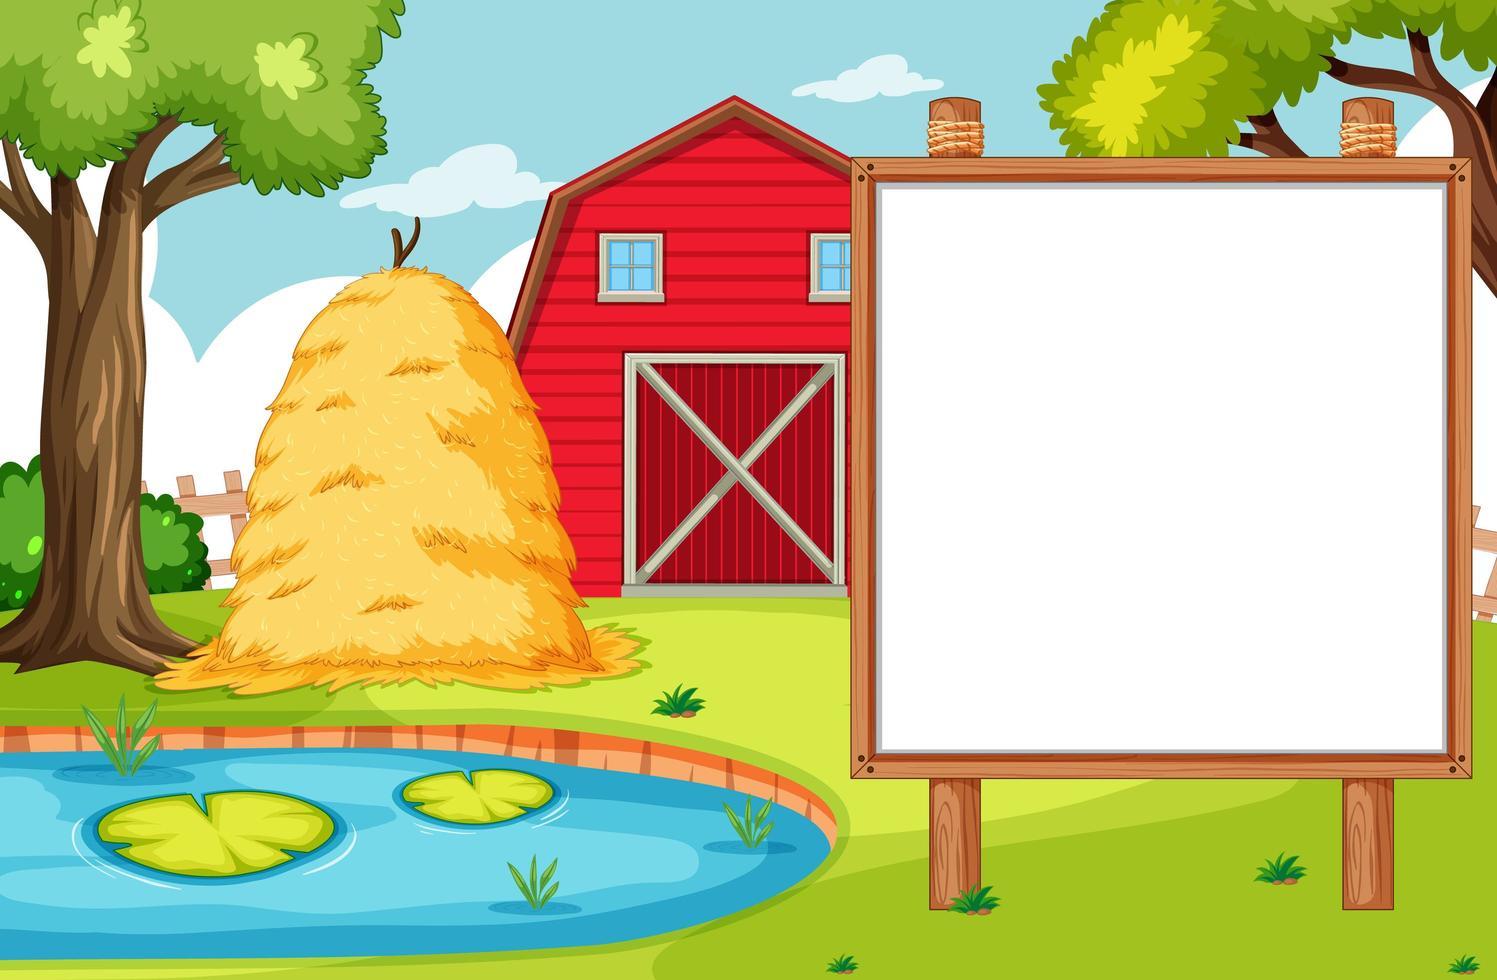 lege banner bord in natuur boerderij landschap vector